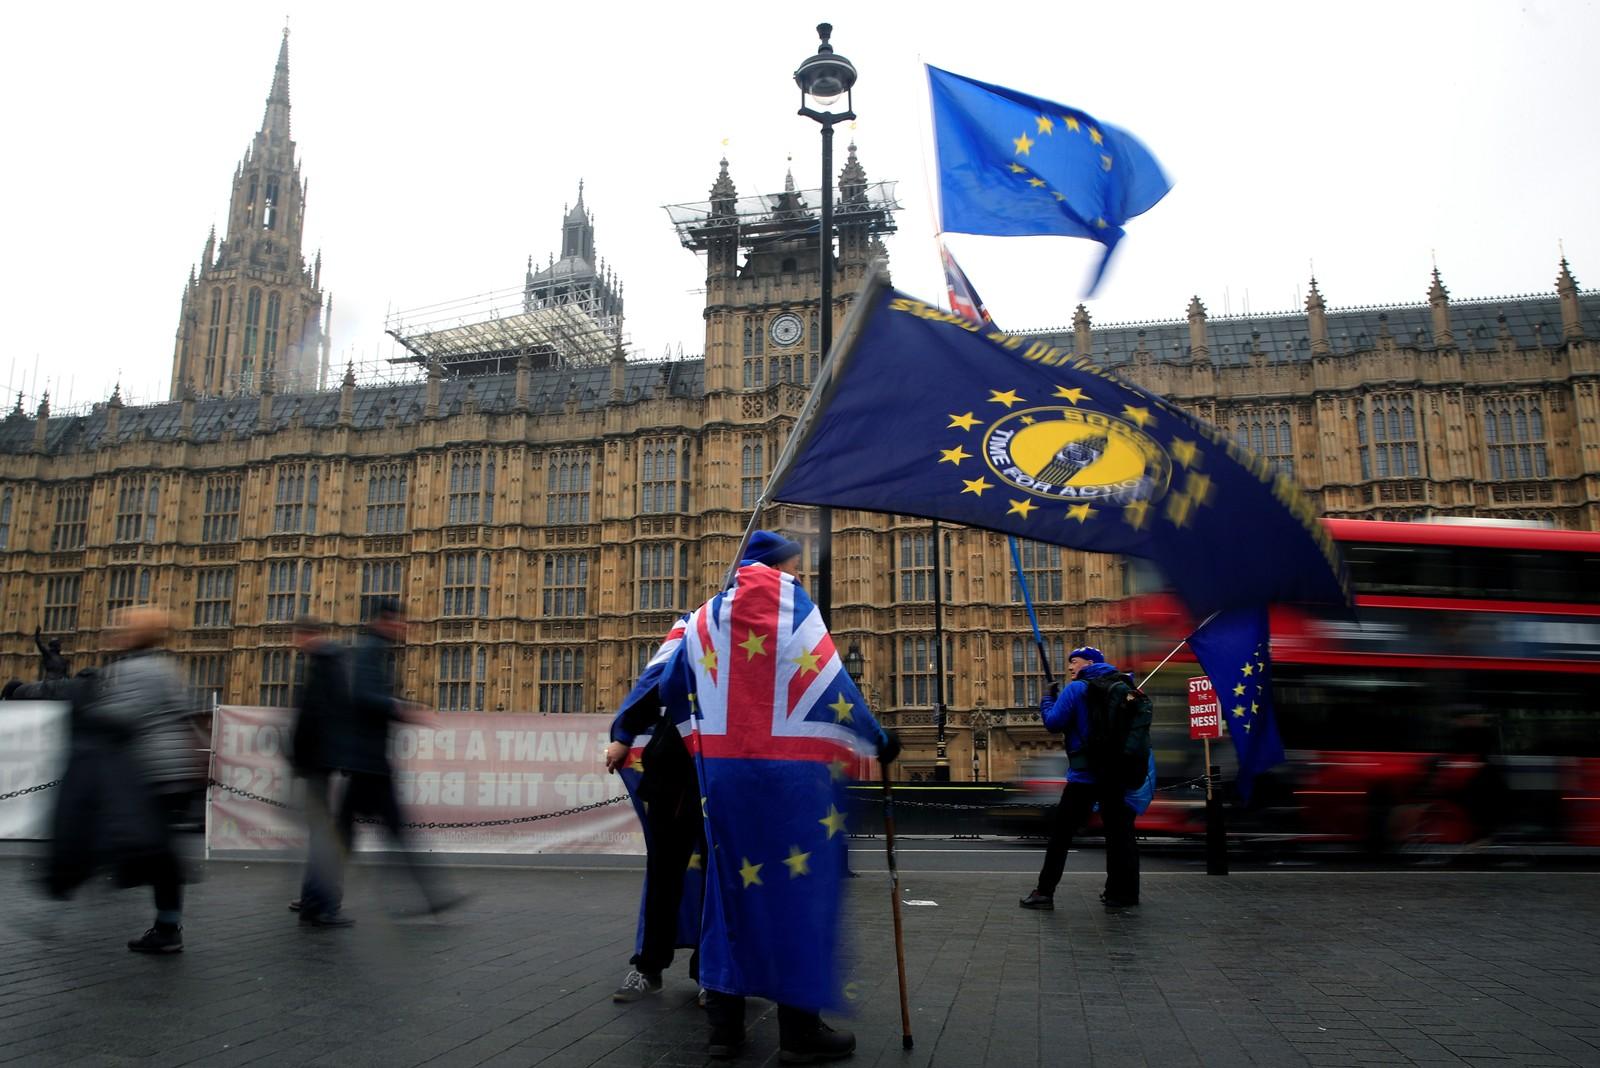 Manifestante protesta contra o Brexit em frente ao Parlamento britânico em Londres — Foto: Gonzalo Fuentes/Reuters